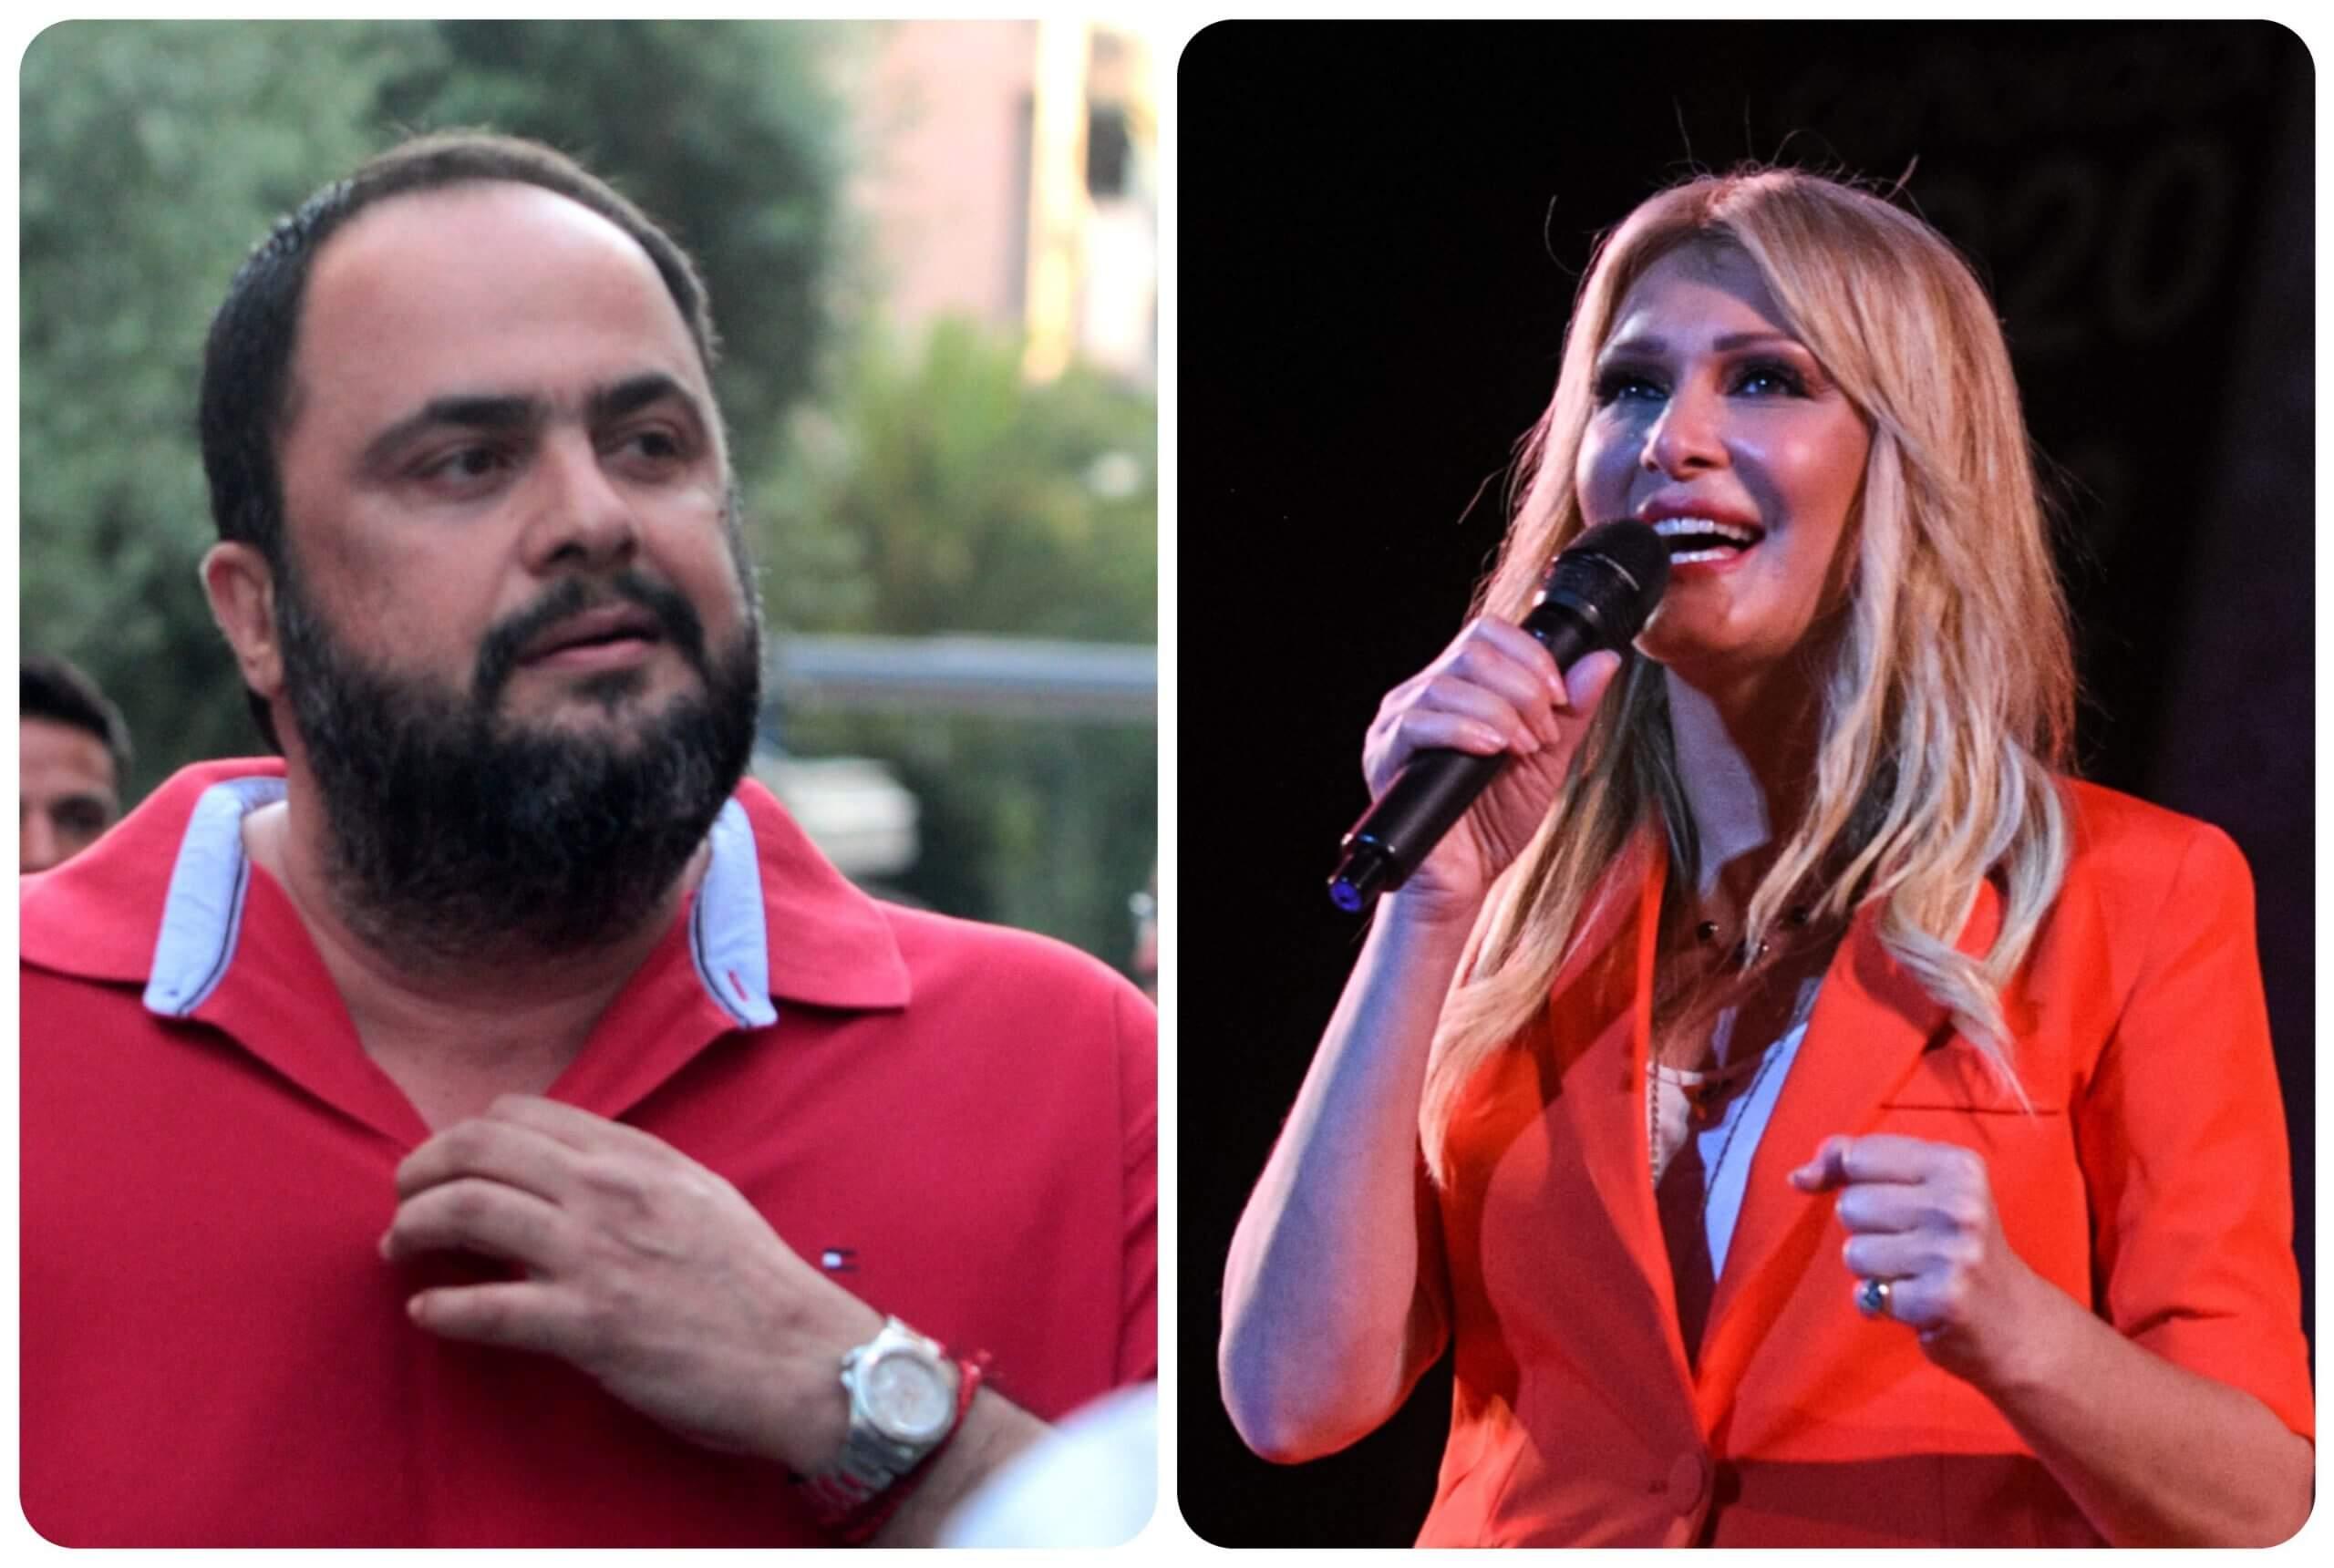 Το νέο τραγούδι της Νατάσας Θεοδωρίδου σε στοίχους Βαγγέλη Μαρινάκη (ΒΙΝΤΕΟ)